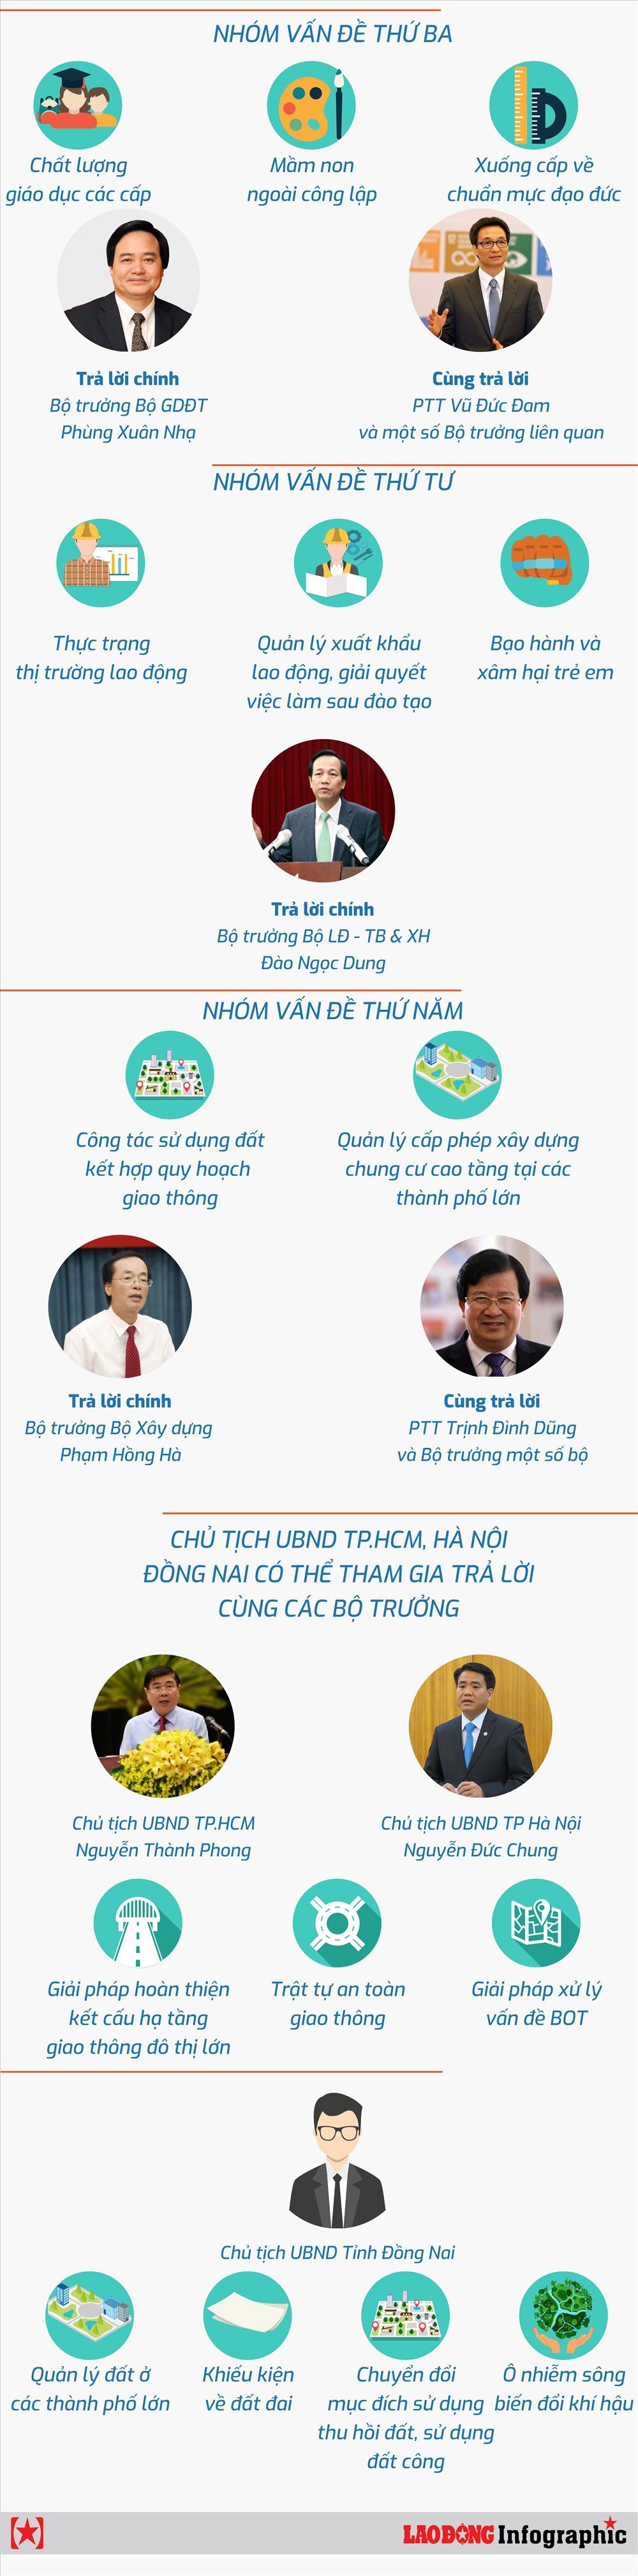 Infographic: Những điểm mới trong chất vấn và trả lời chất vấn Quốc hội khóa 14 - Ảnh 2.